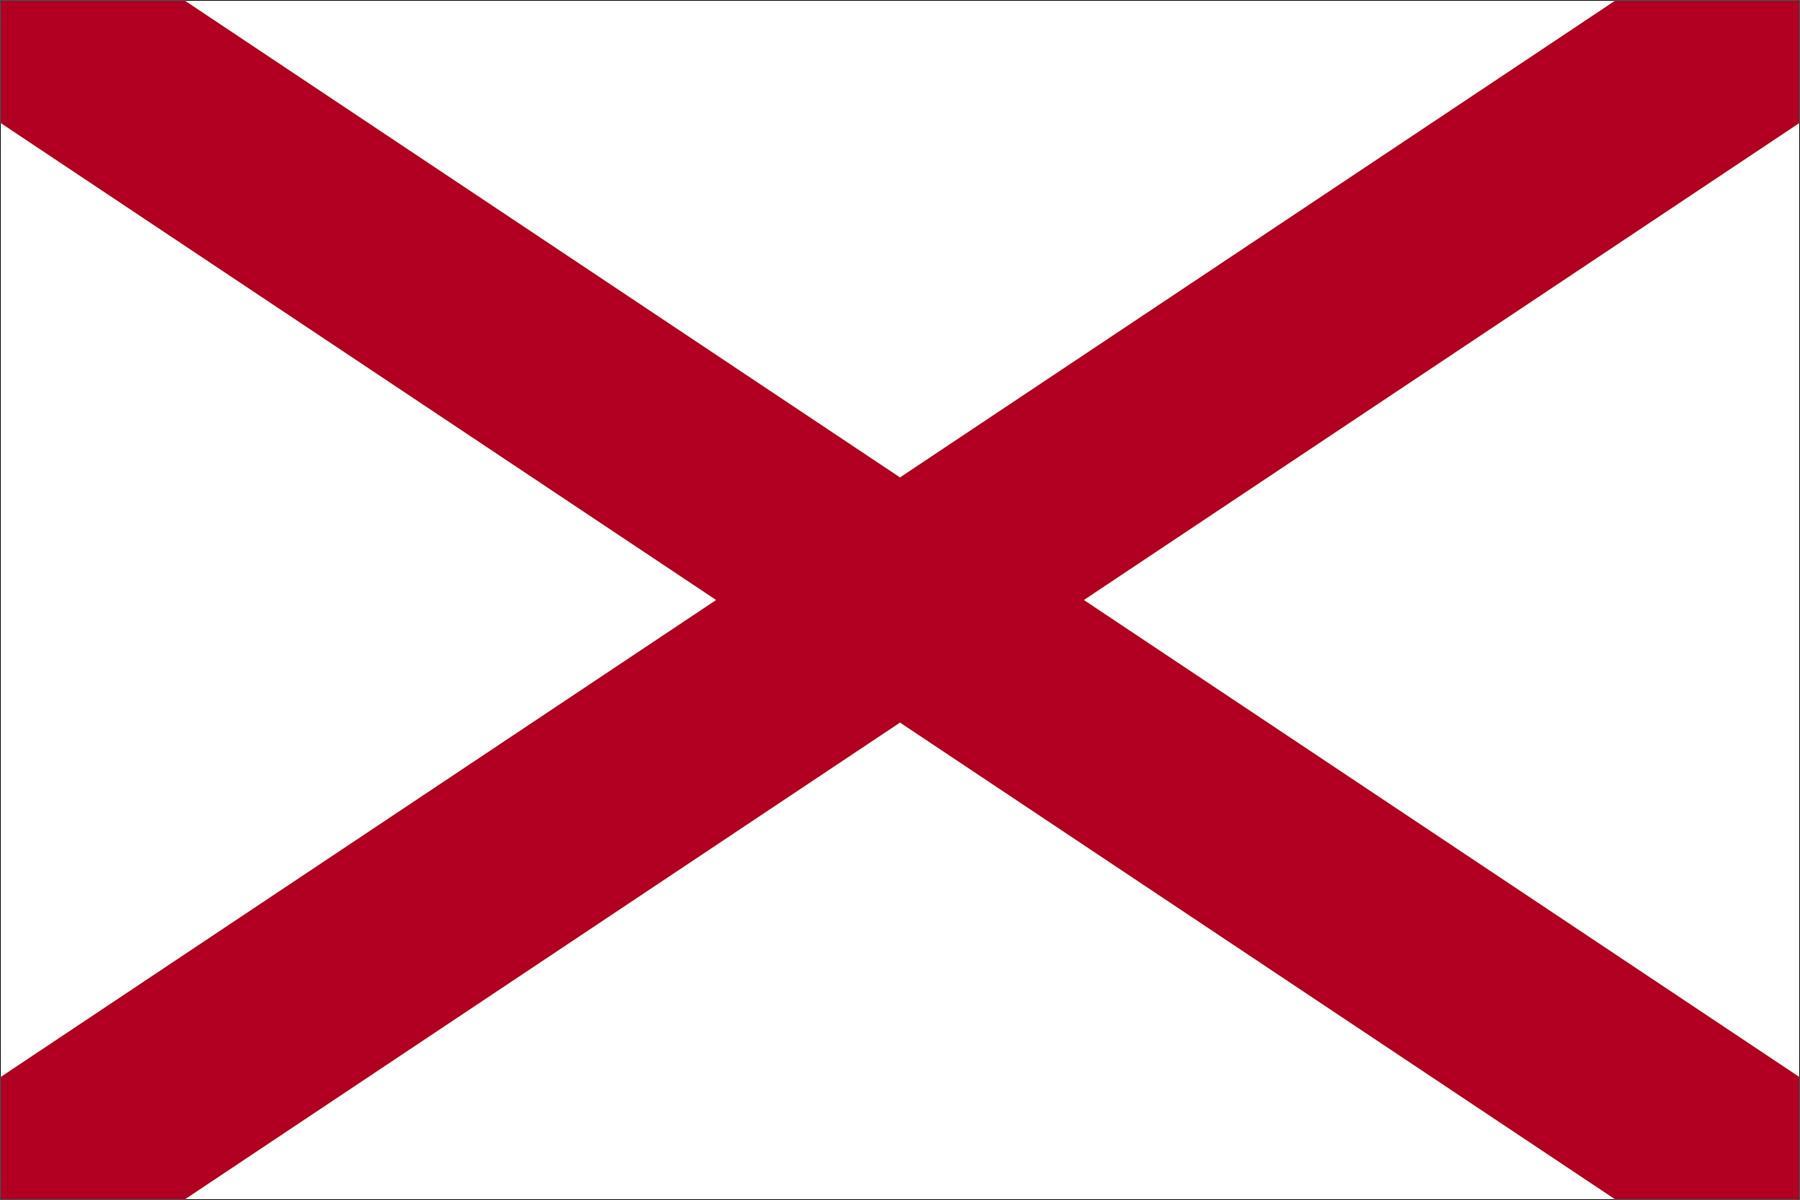 Eine Flagge mit rotem Kreuz auf Weiß